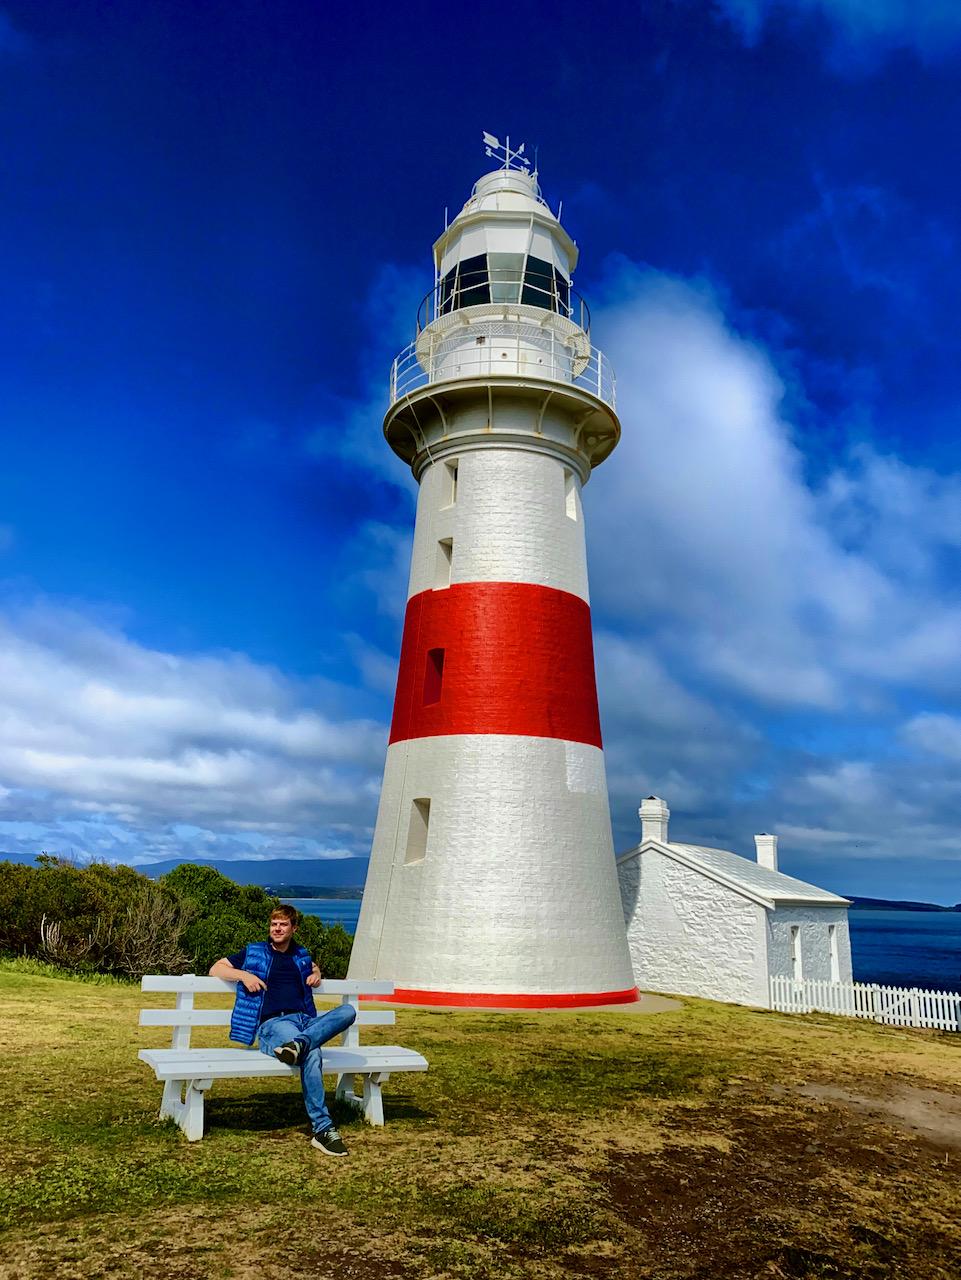 Low Head Lighthouse, Low Head Conservation Area, Low Head, Tasmanien, Australien (29.10.2019)